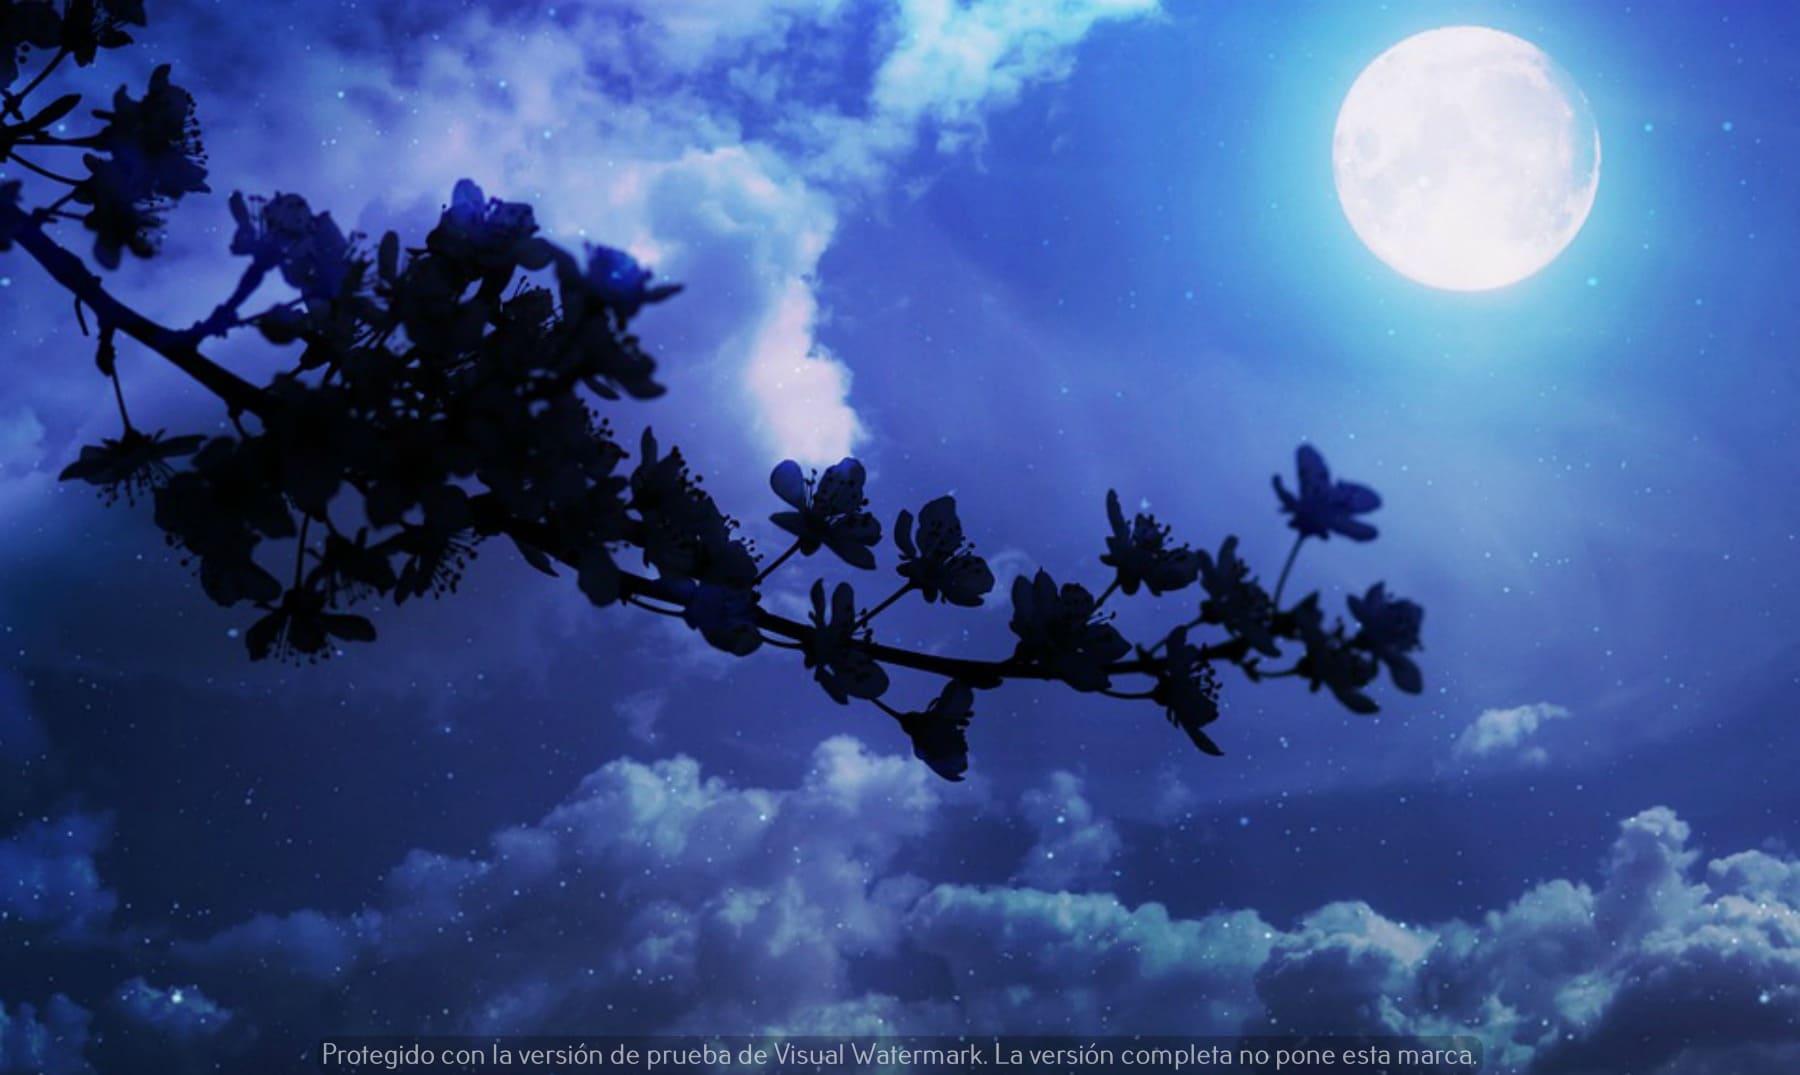 linda noche que descansen